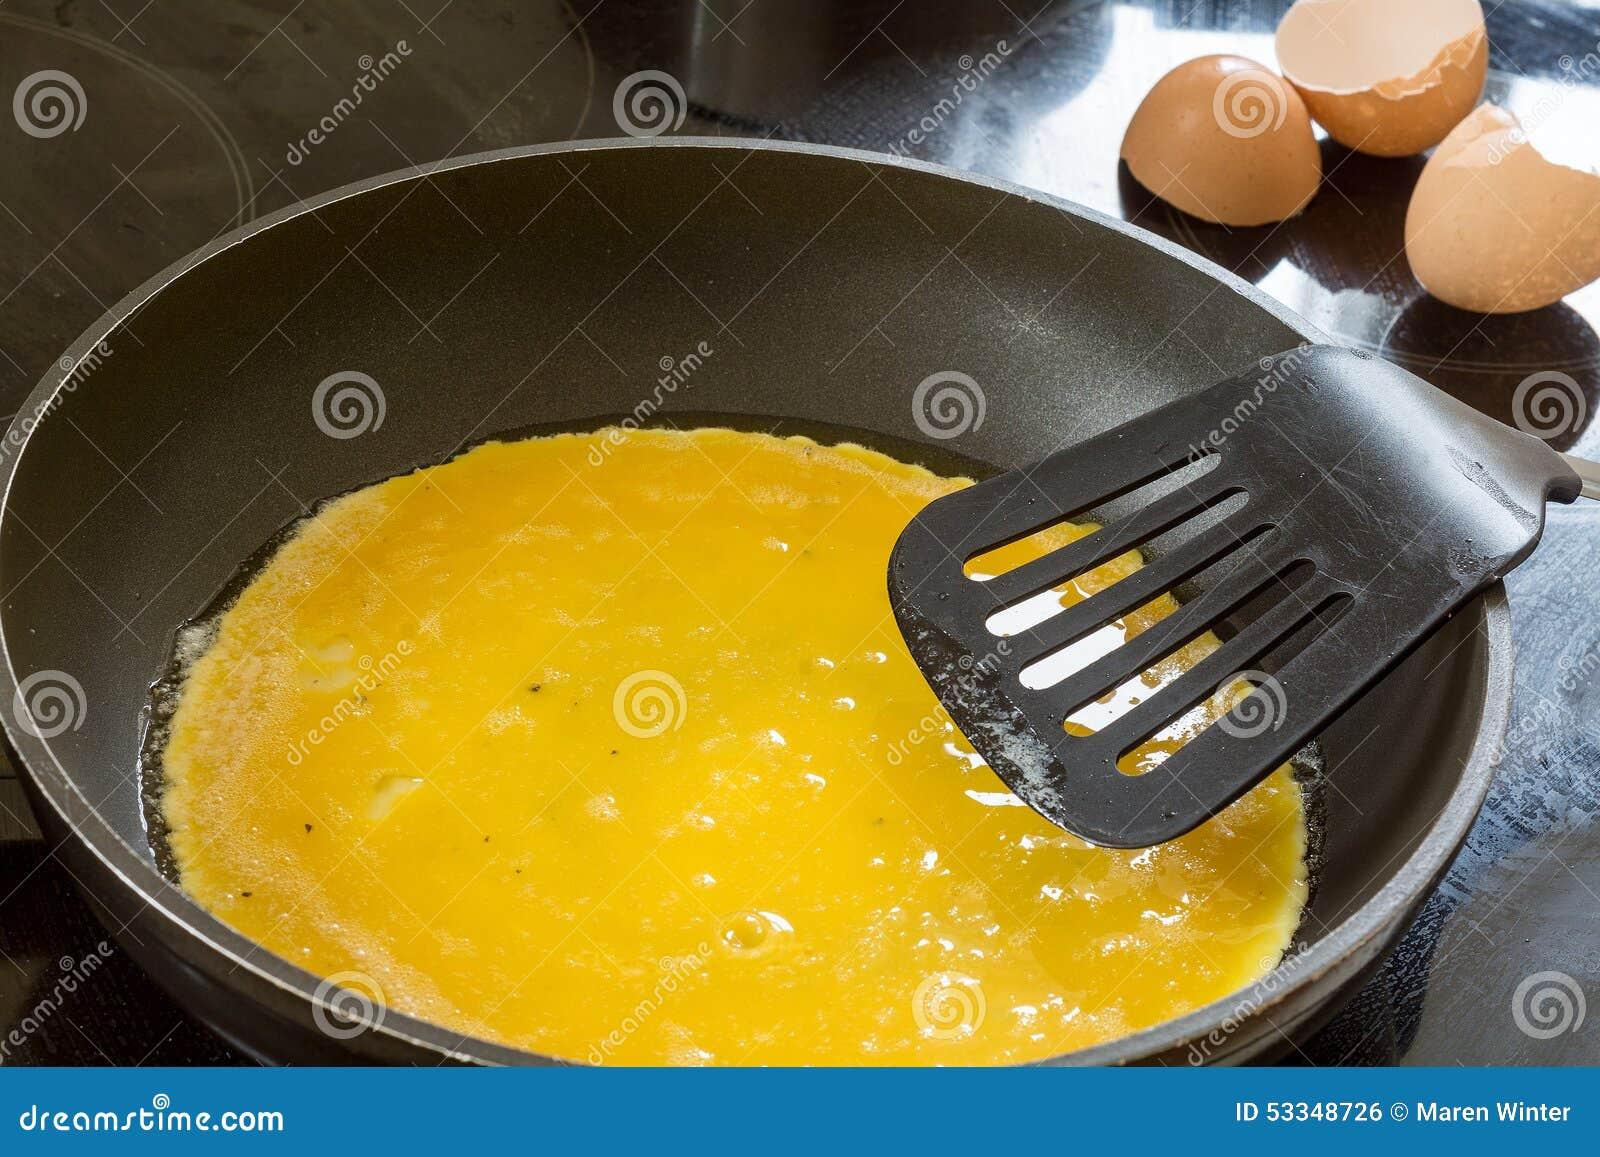 Flüssiges Ei in der Wanne für Pfannkuchen oder durcheinandergemischte Eier